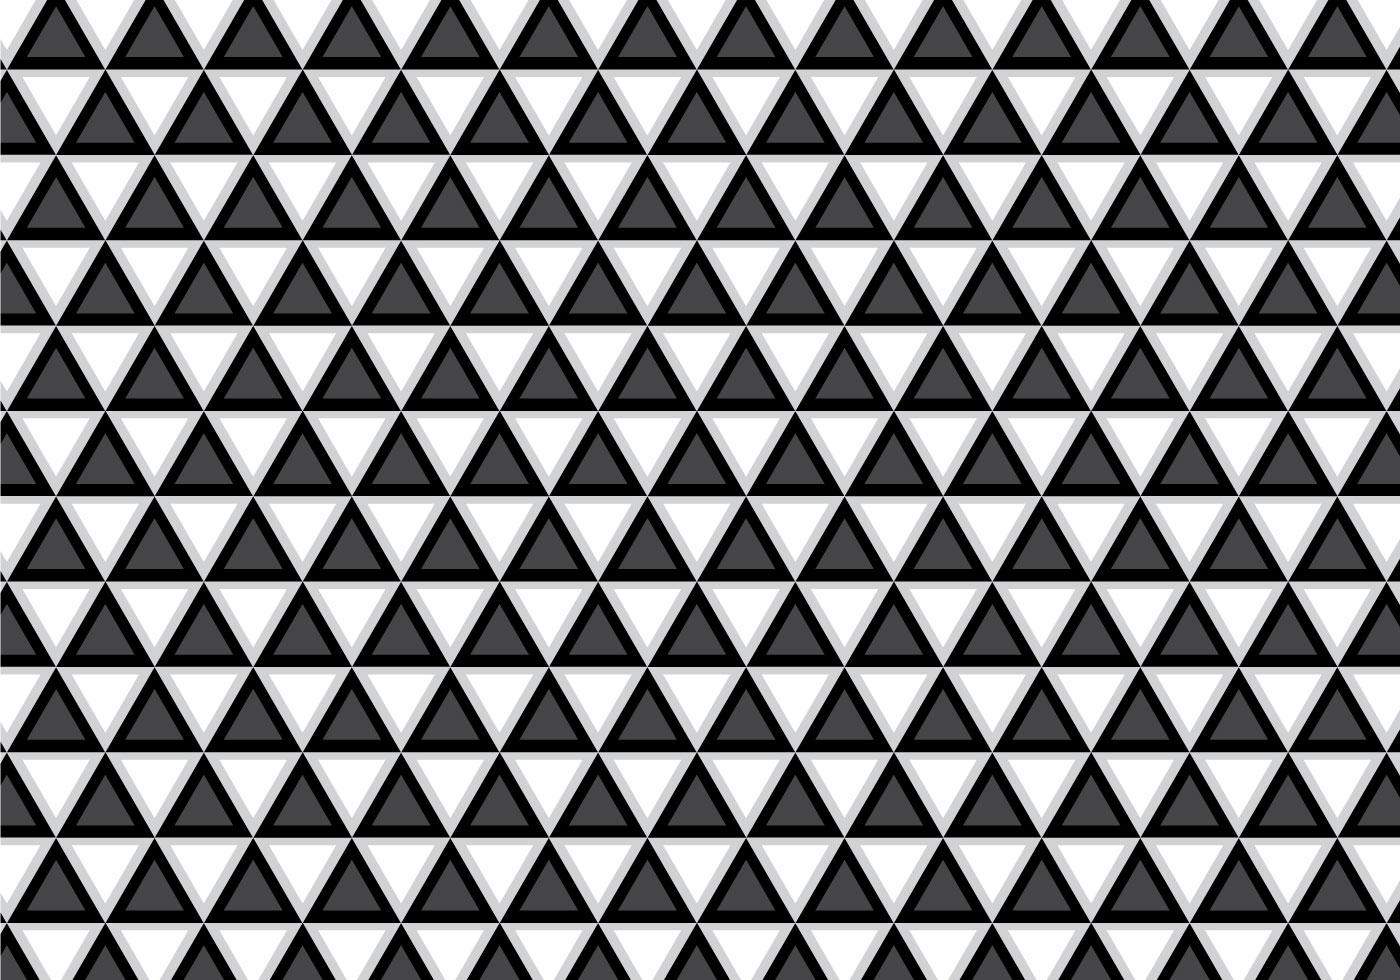 Geometrisches Schwarzweiss-Muster - Kostenlose Vektor-Kunst, Archiv ...